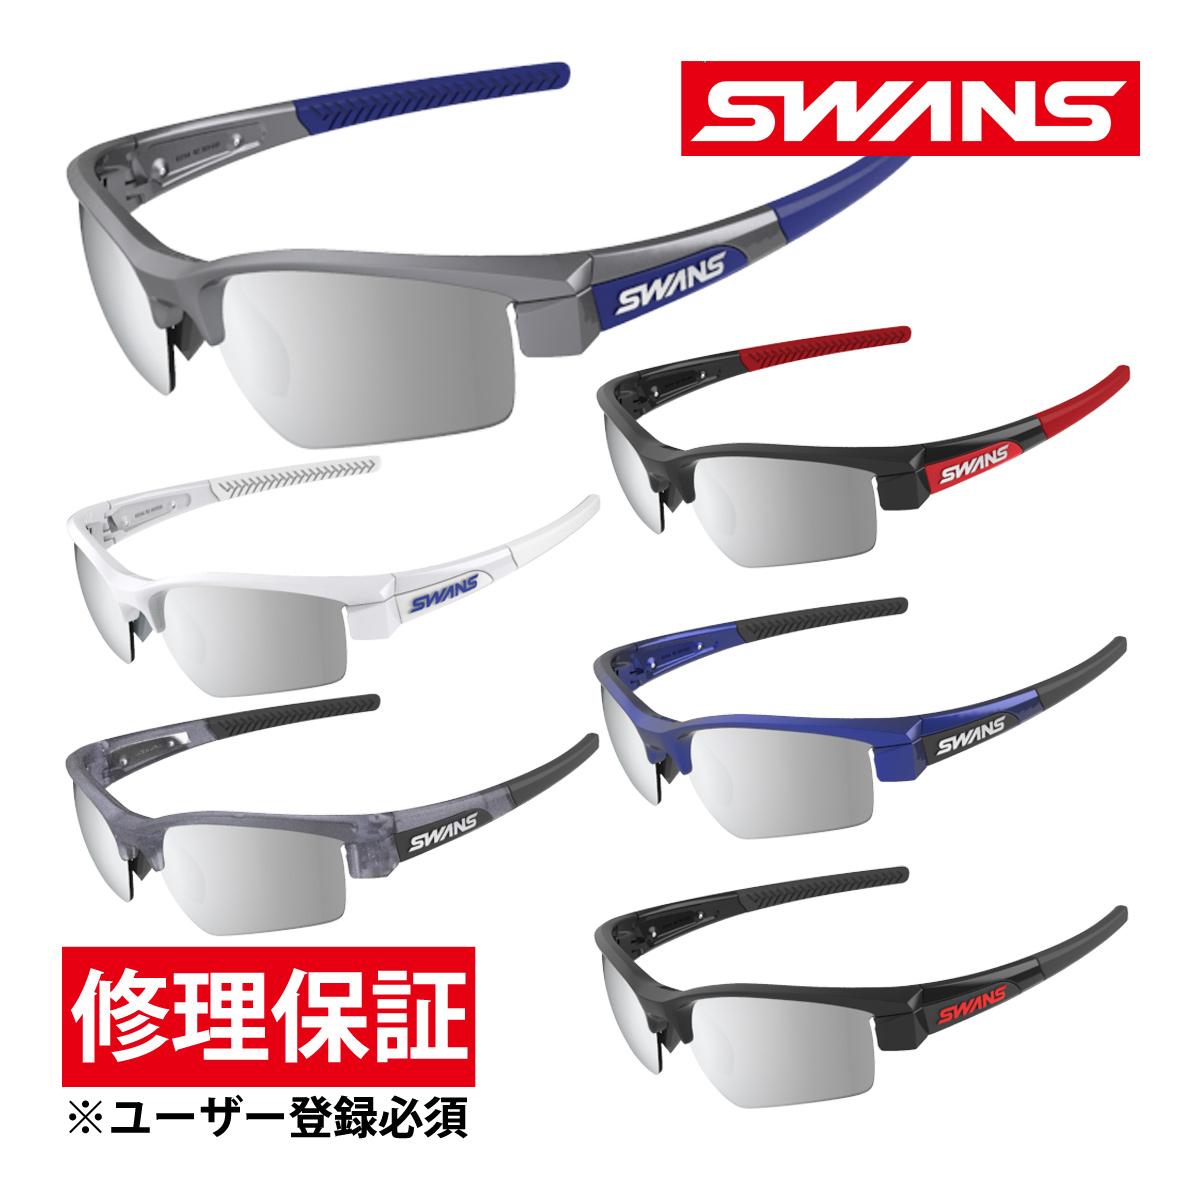 サングラス 偏光レンズ ミラー スポーツ メンズ レディース ドライブ 釣り ゴルフ LION SIN フレーム+L-LI SIN-0751 PSMSI おすすめ 人気 SWANS スワンズ